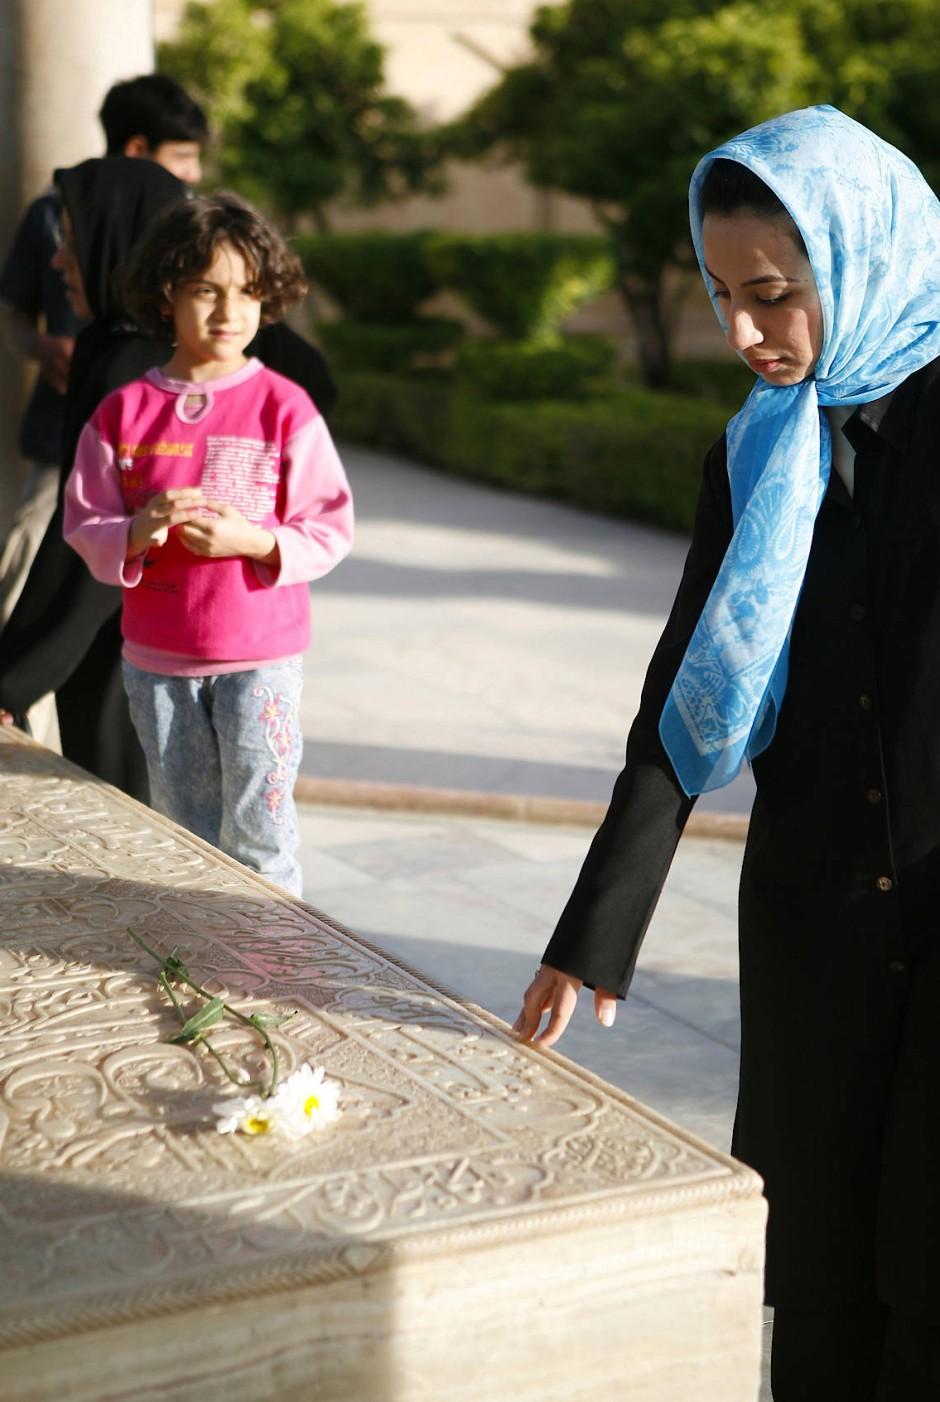 Am Grabmal des Dichters Hafis in Schiras: Viele Iraner schöpfen auch heute noch Energie und Inspiration aus der persischen Versmystik.